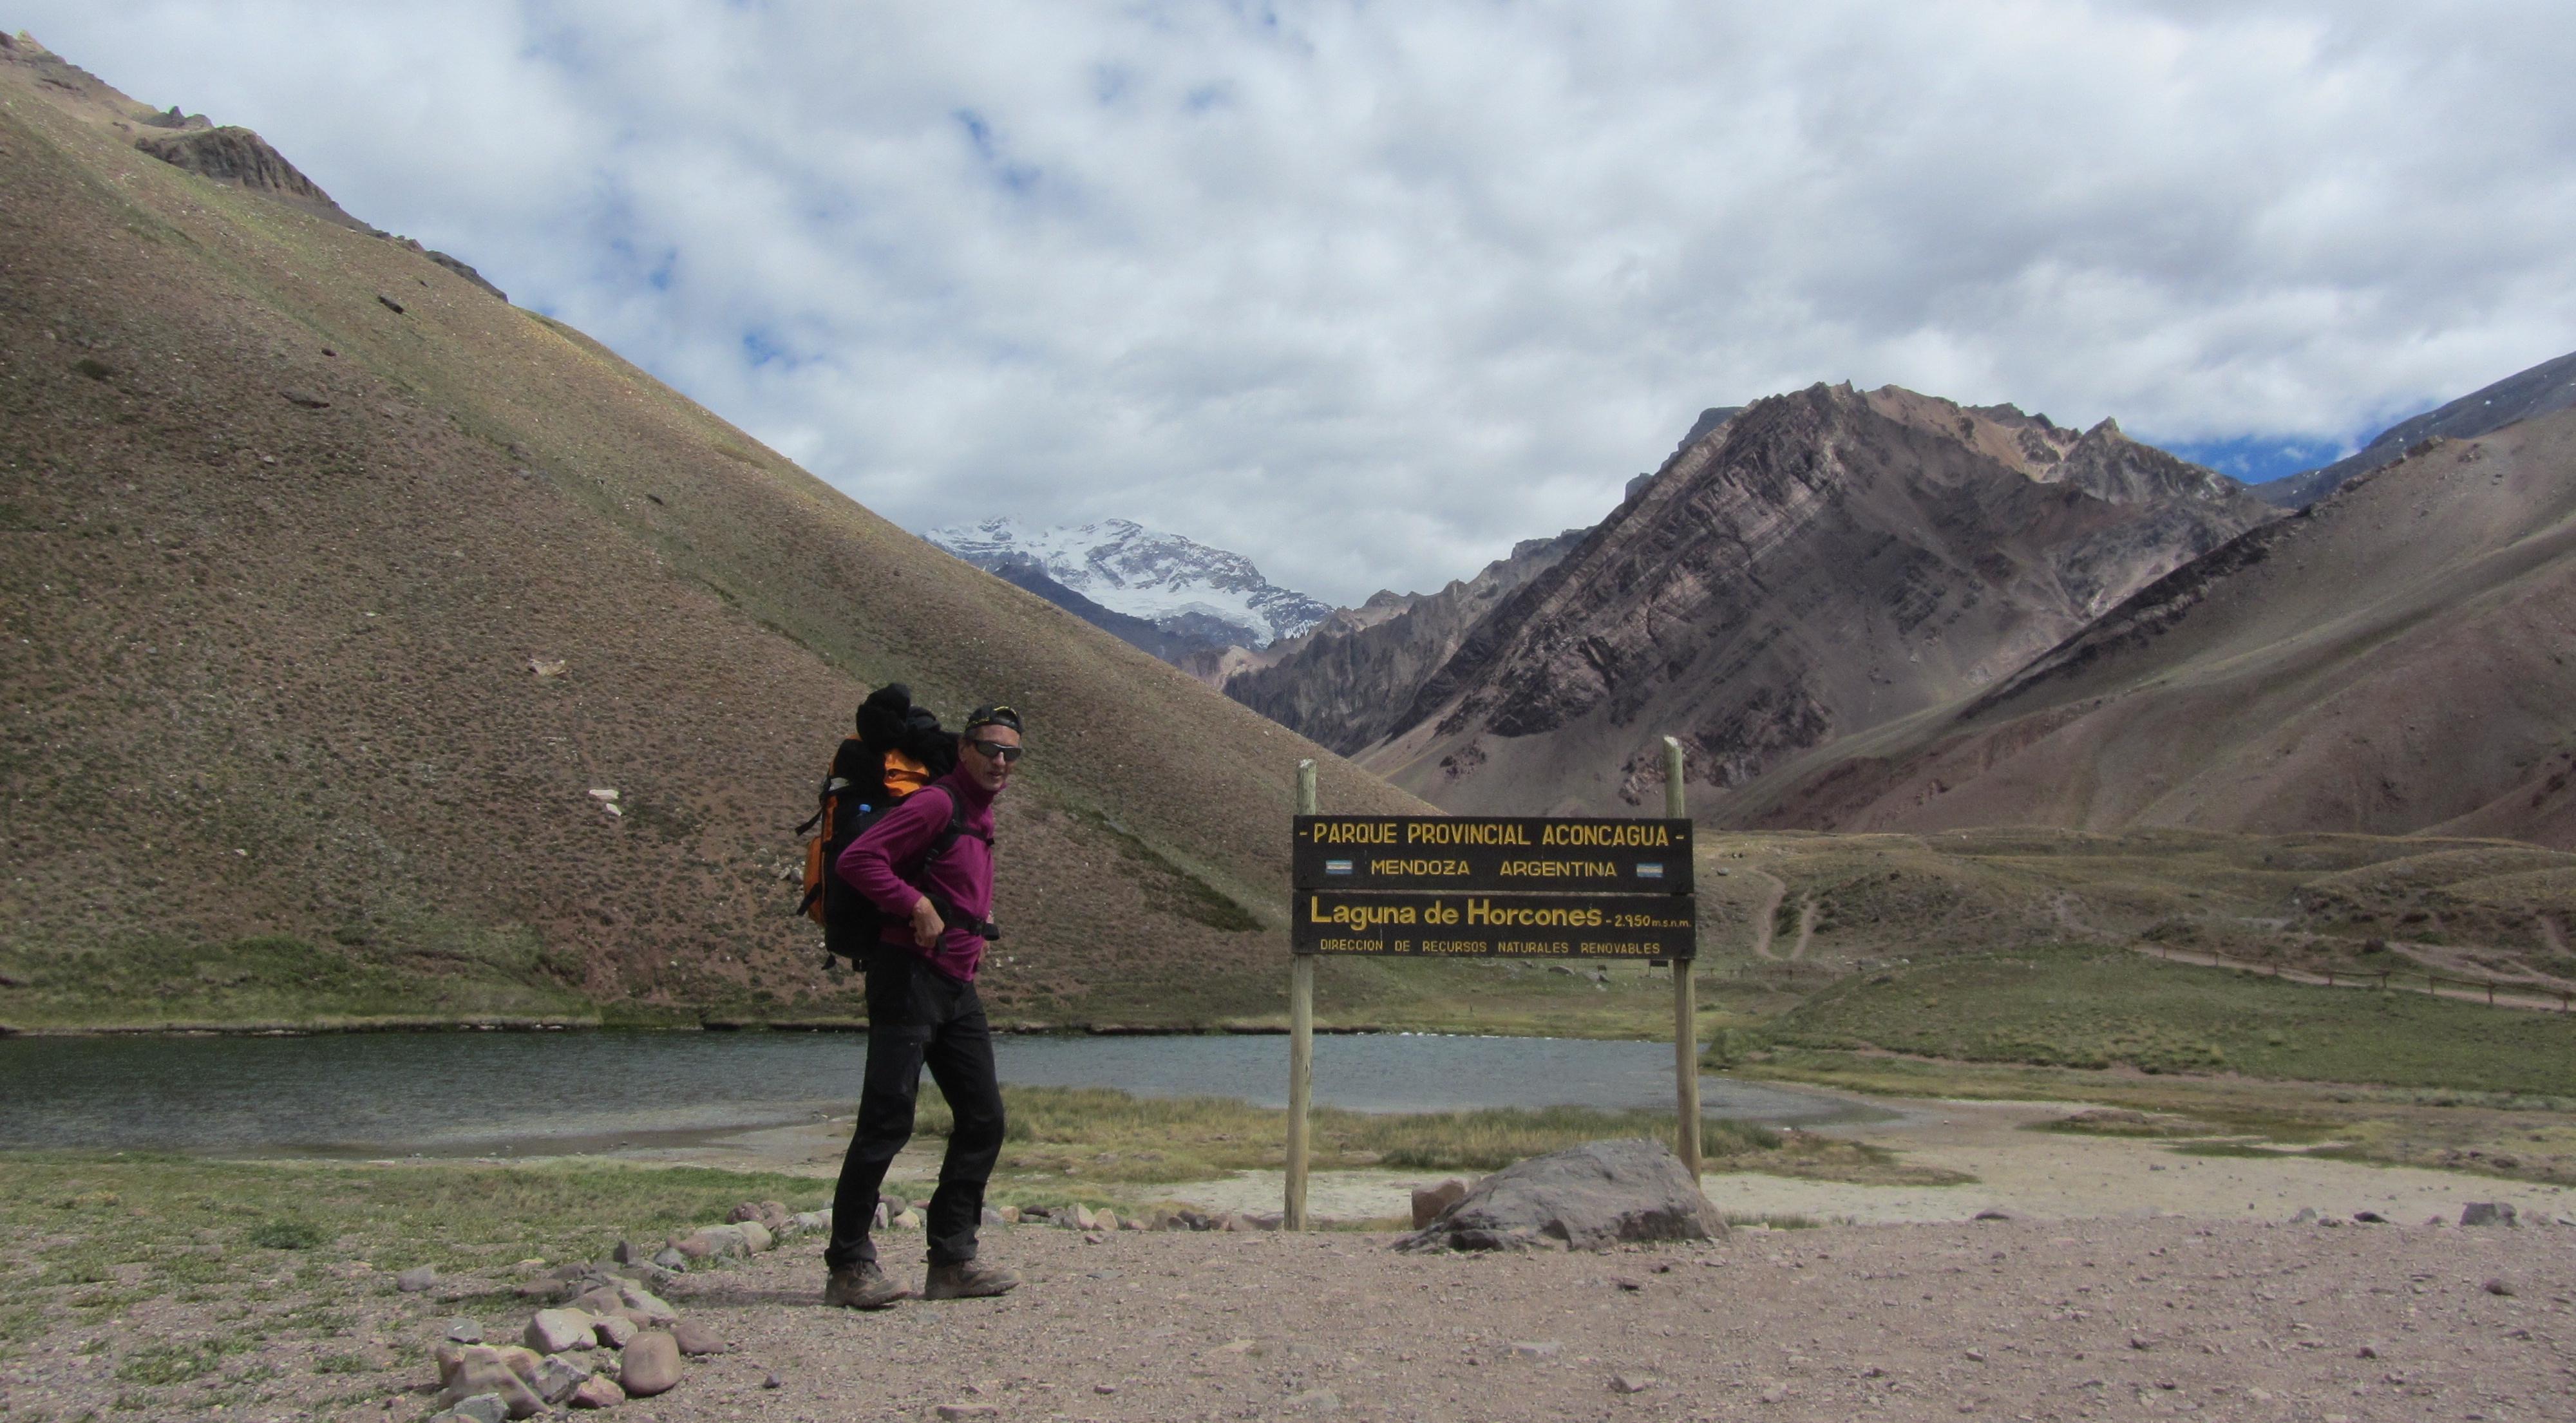 Entrée parc national de l'Aconcagua